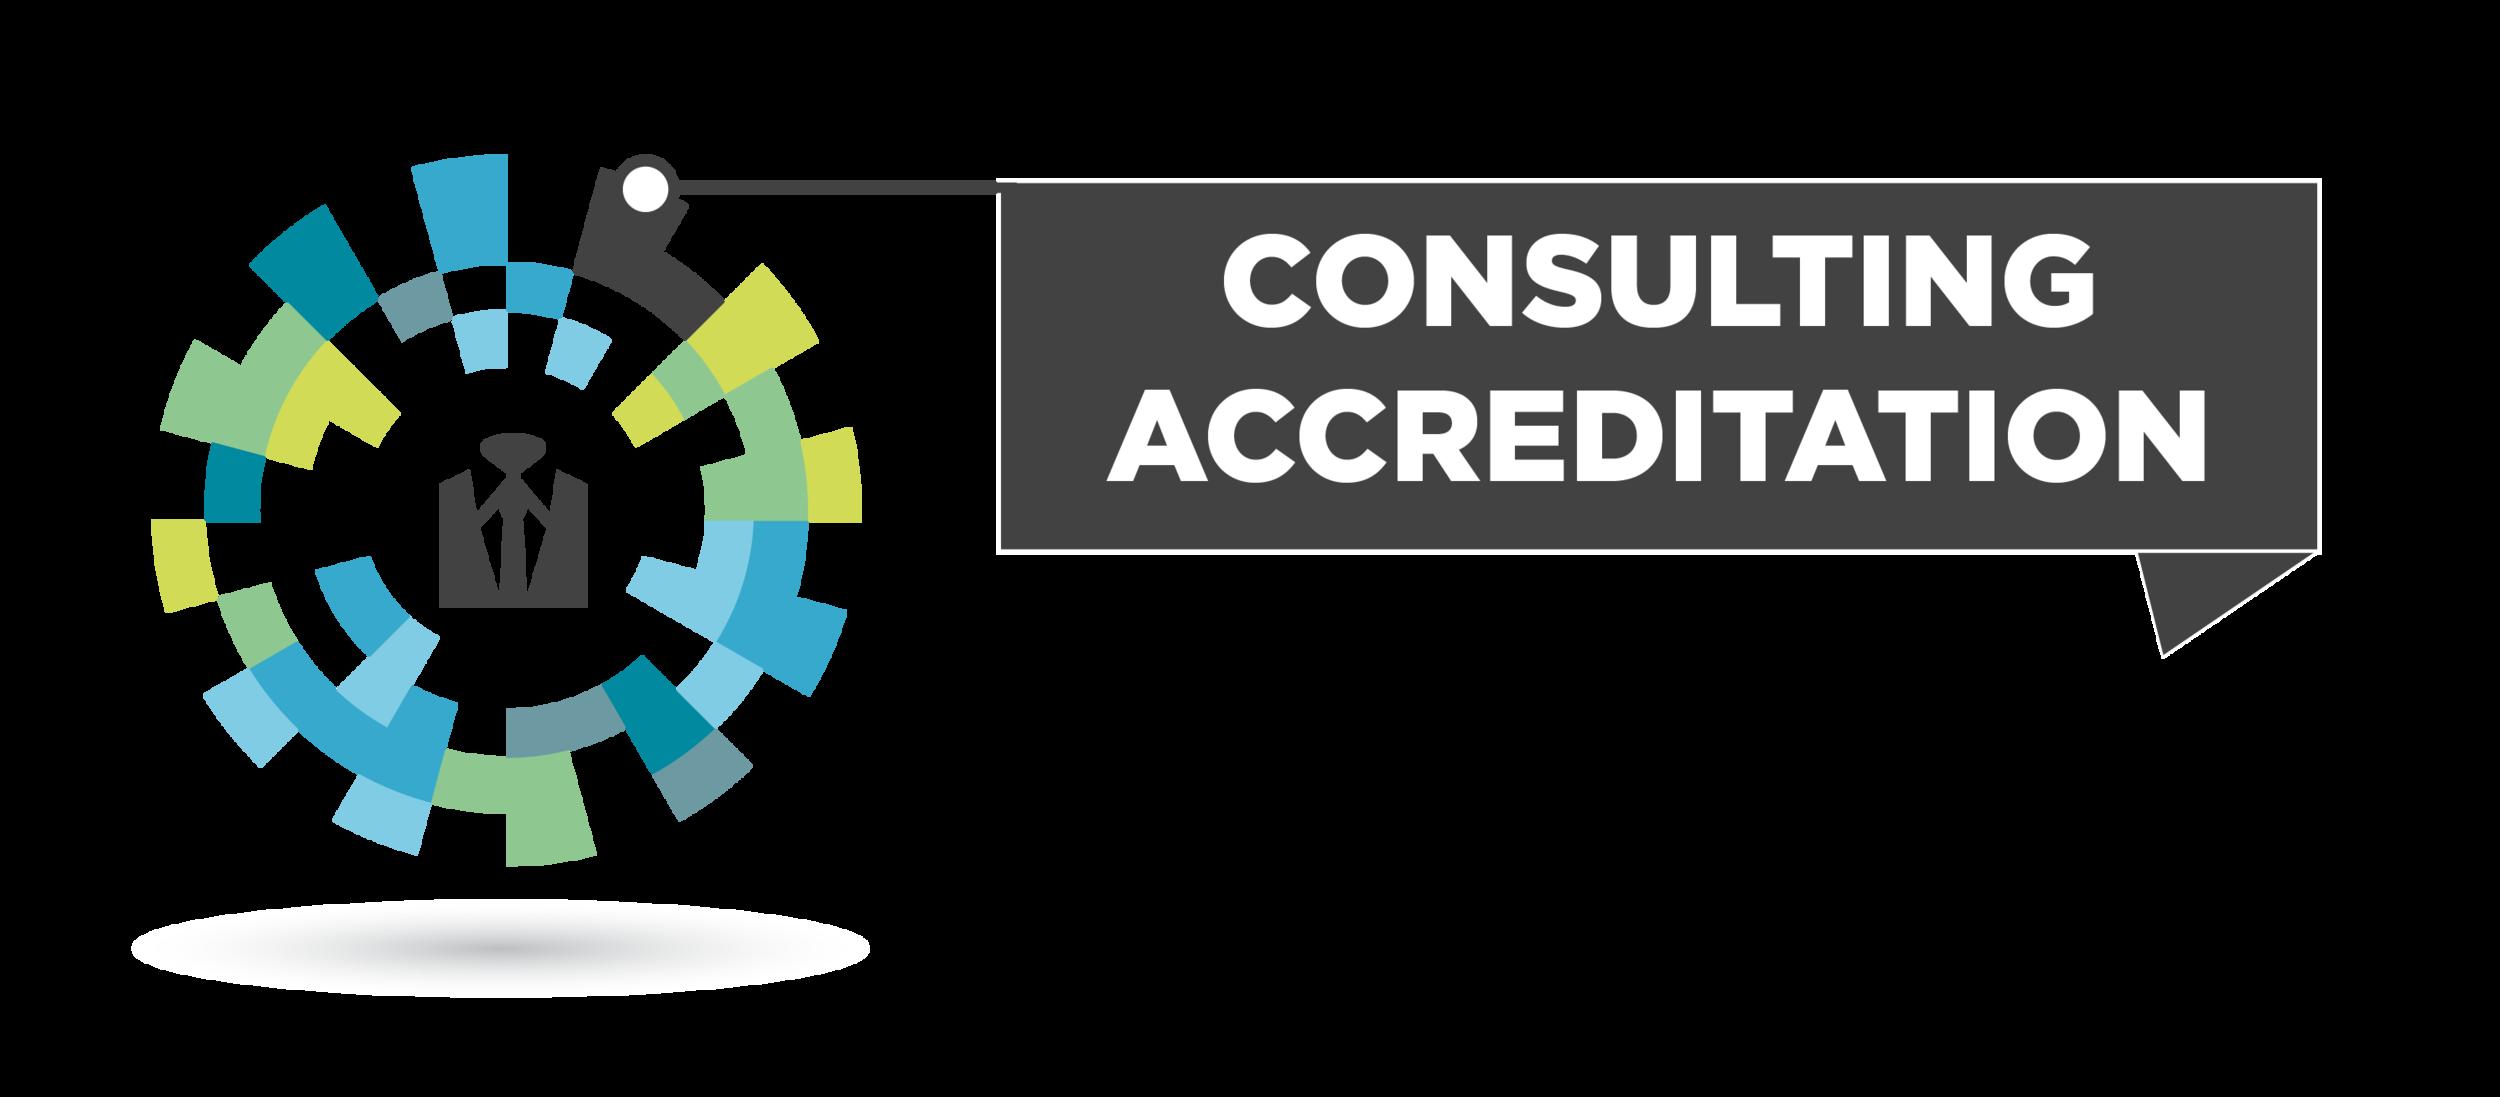 consulting-accreditation-nem-australasia